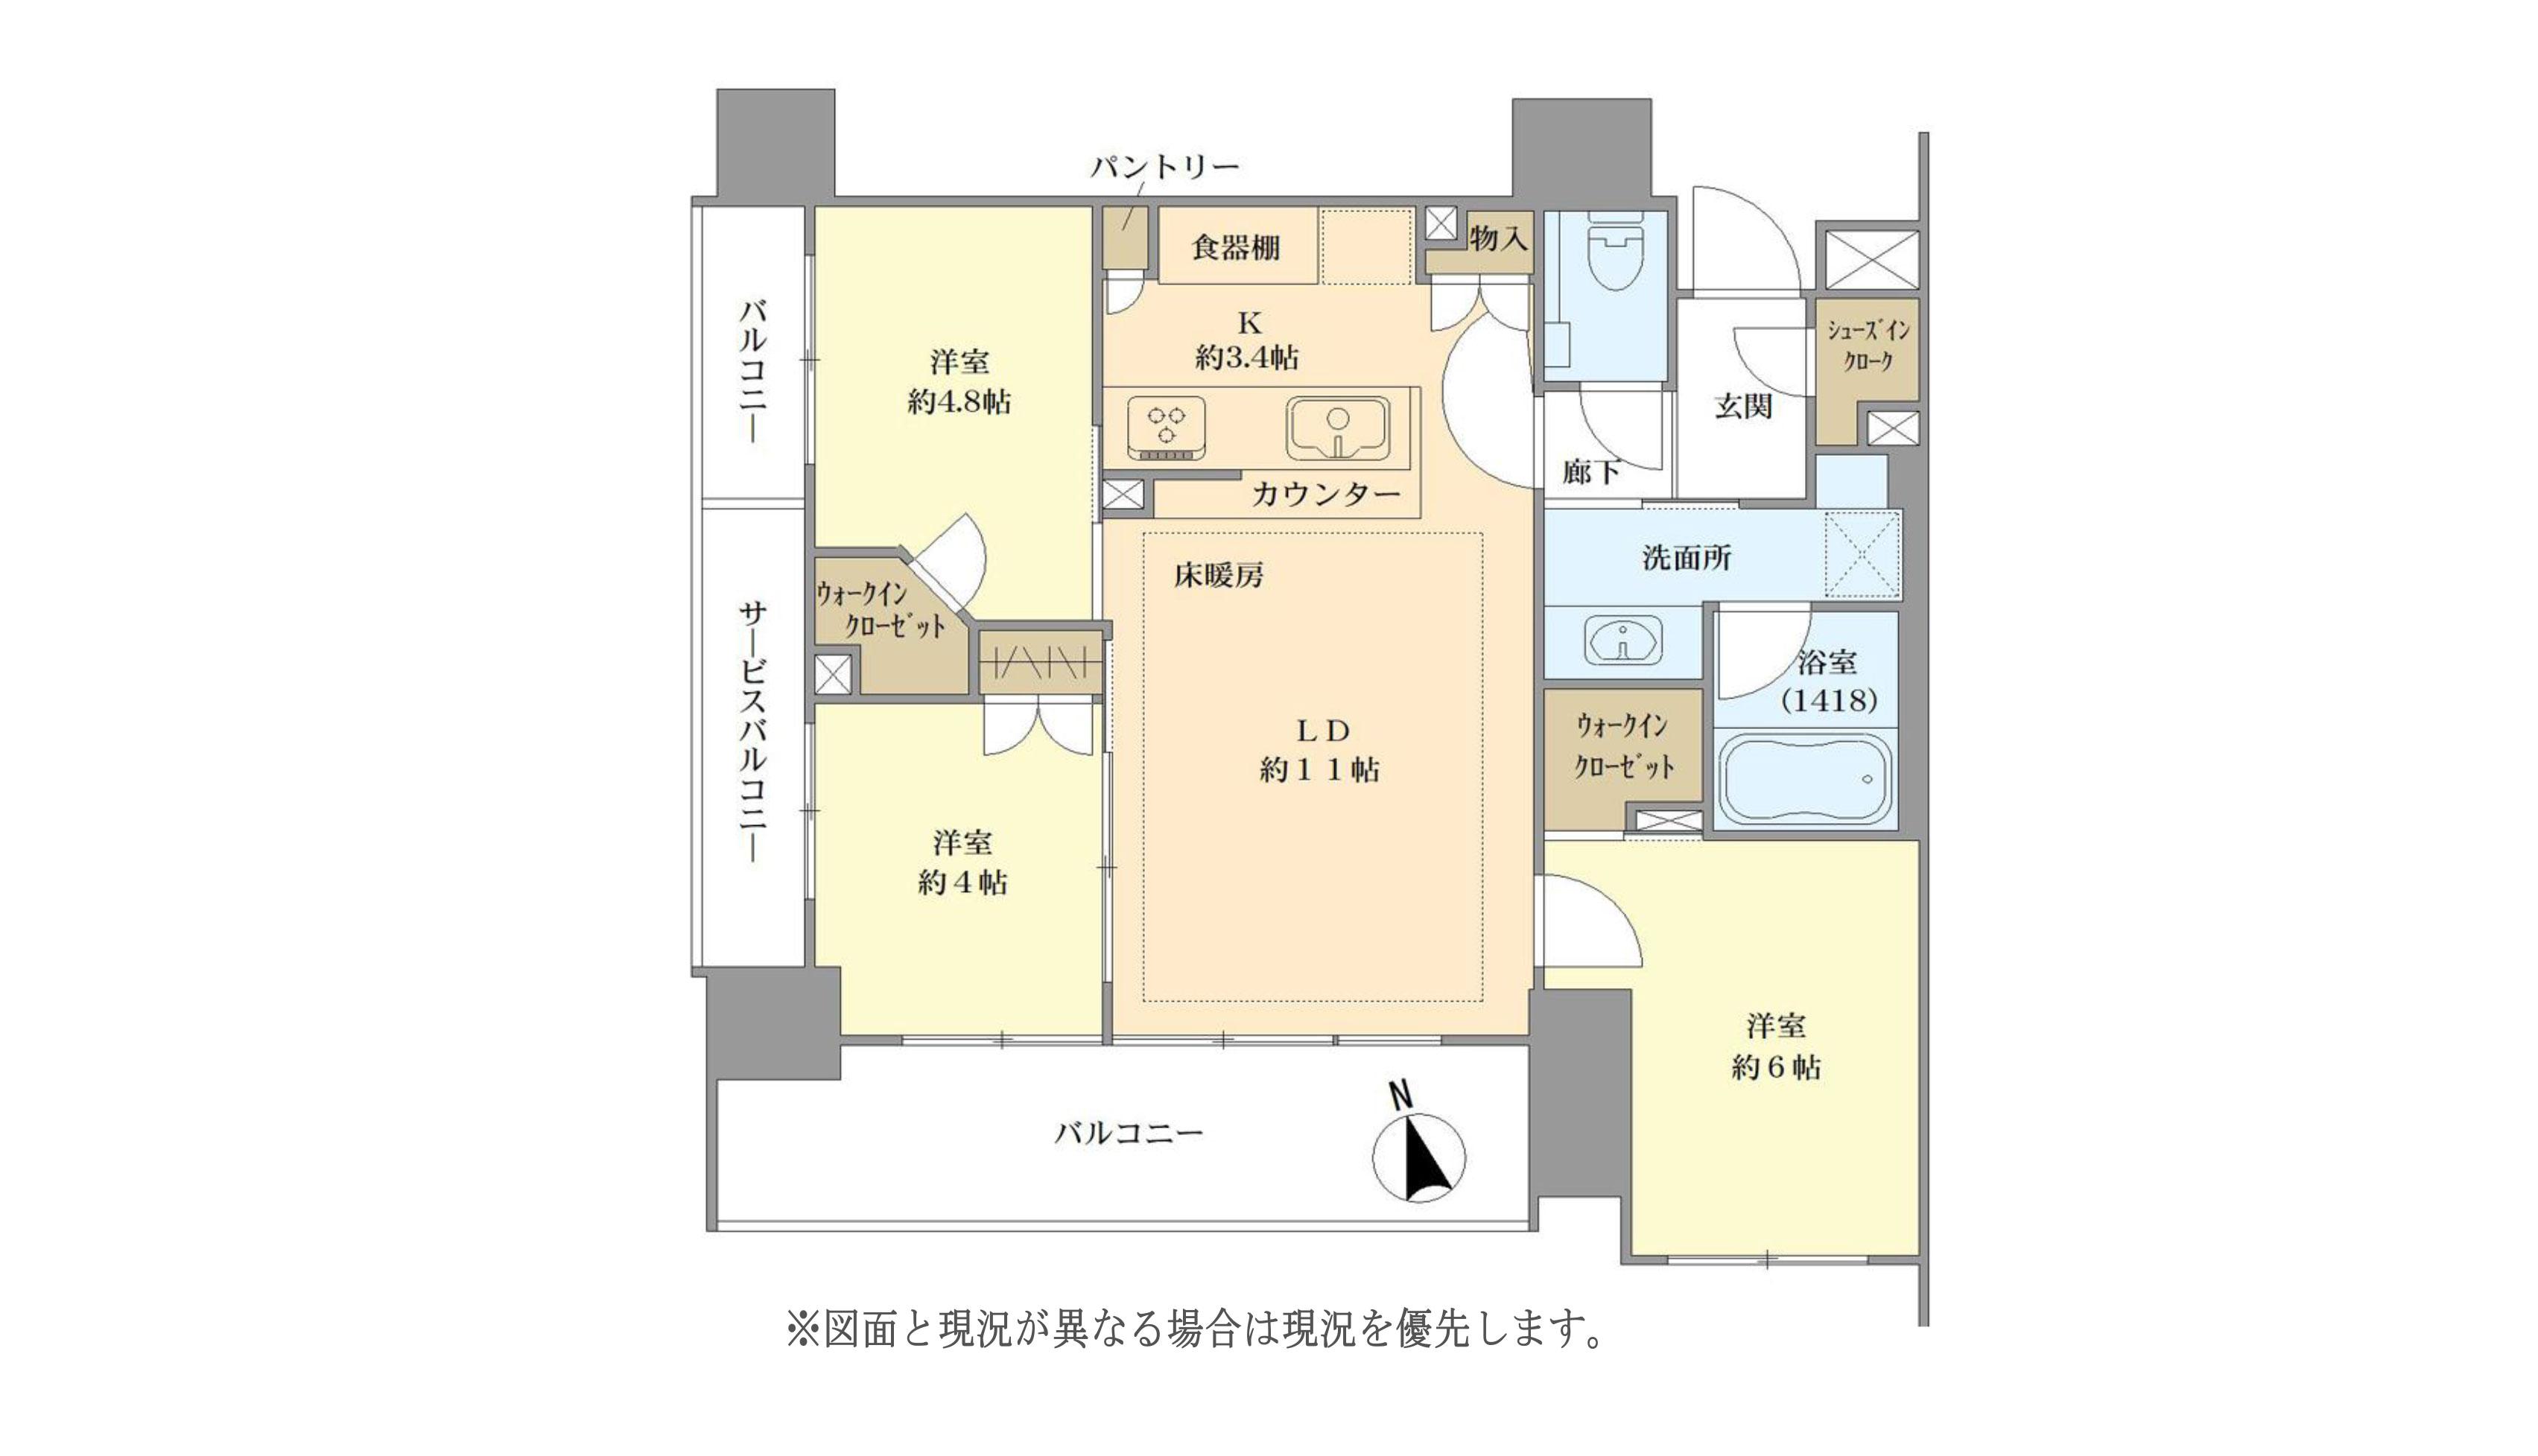 ■床暖房完備■11階部分で見晴らしの良い眺望■設備・仕様良好■角部屋、南向きバルコニー